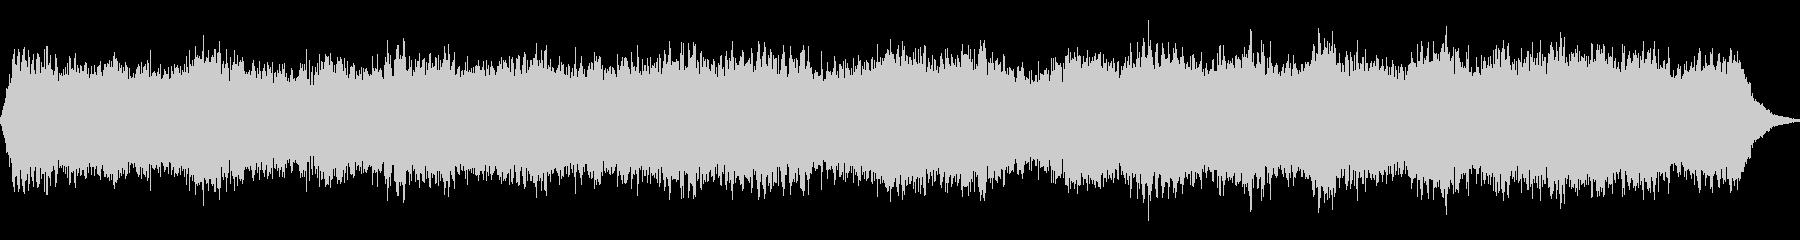 柔らかなパッド音によるアンビエント音の未再生の波形